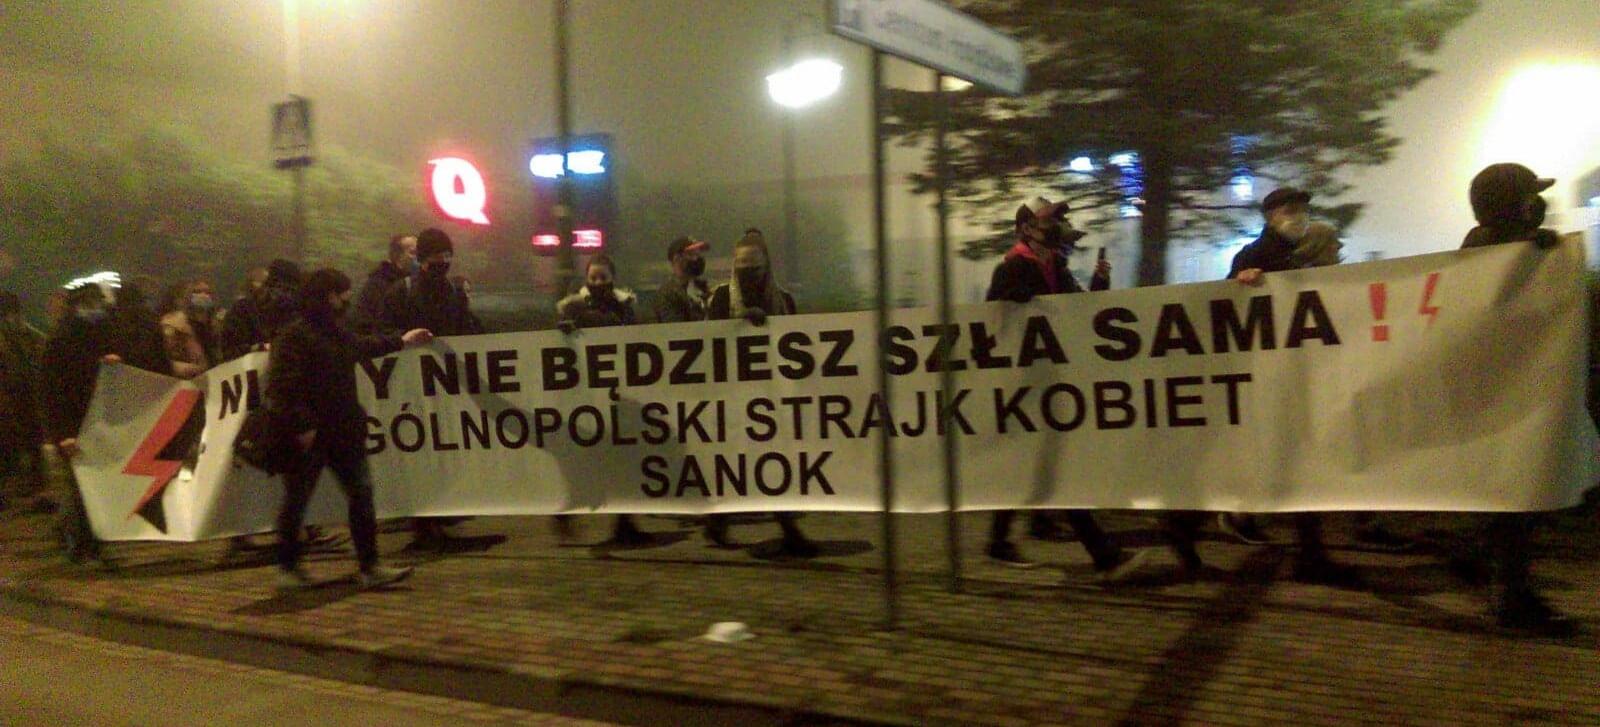 LIVE: Trwa Strajk Kobiet w Sanoku. ZOBACZ VIDEO i ZDJĘCIA